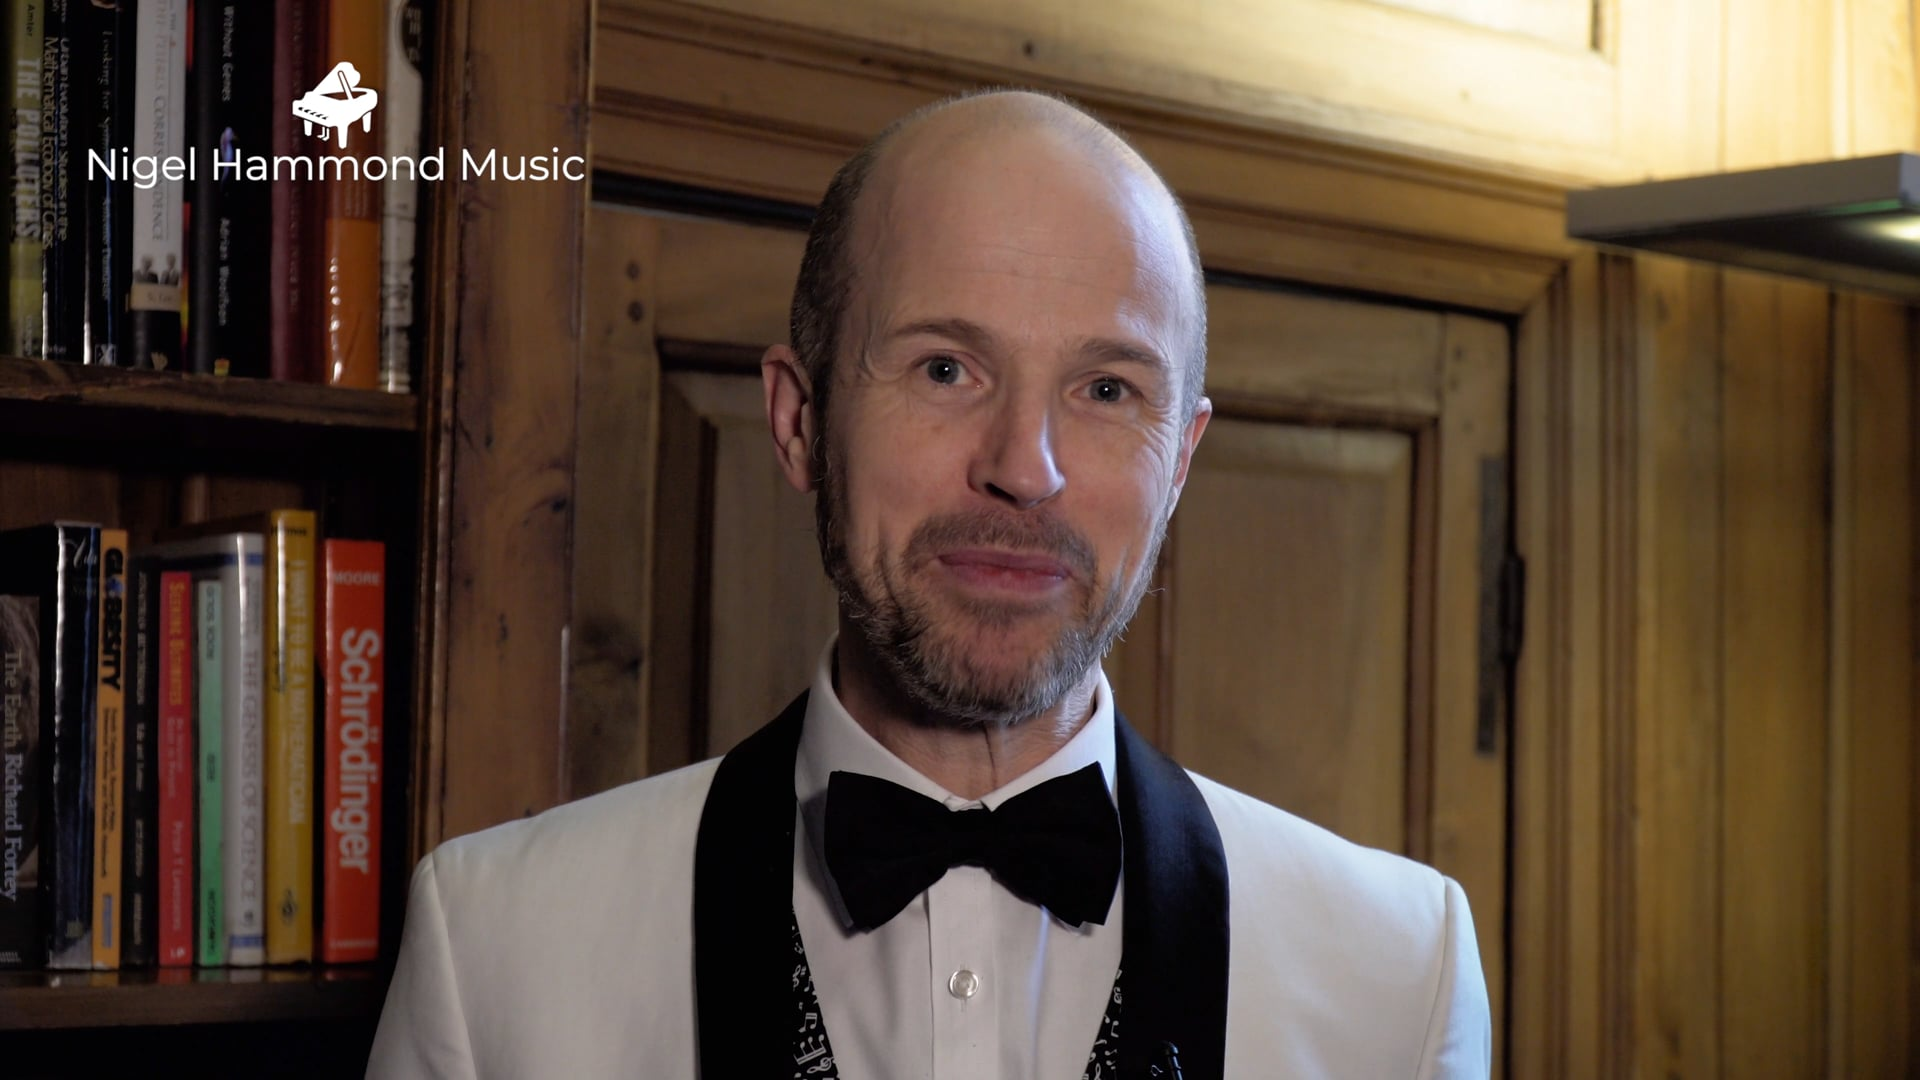 Nigel Hammond Music